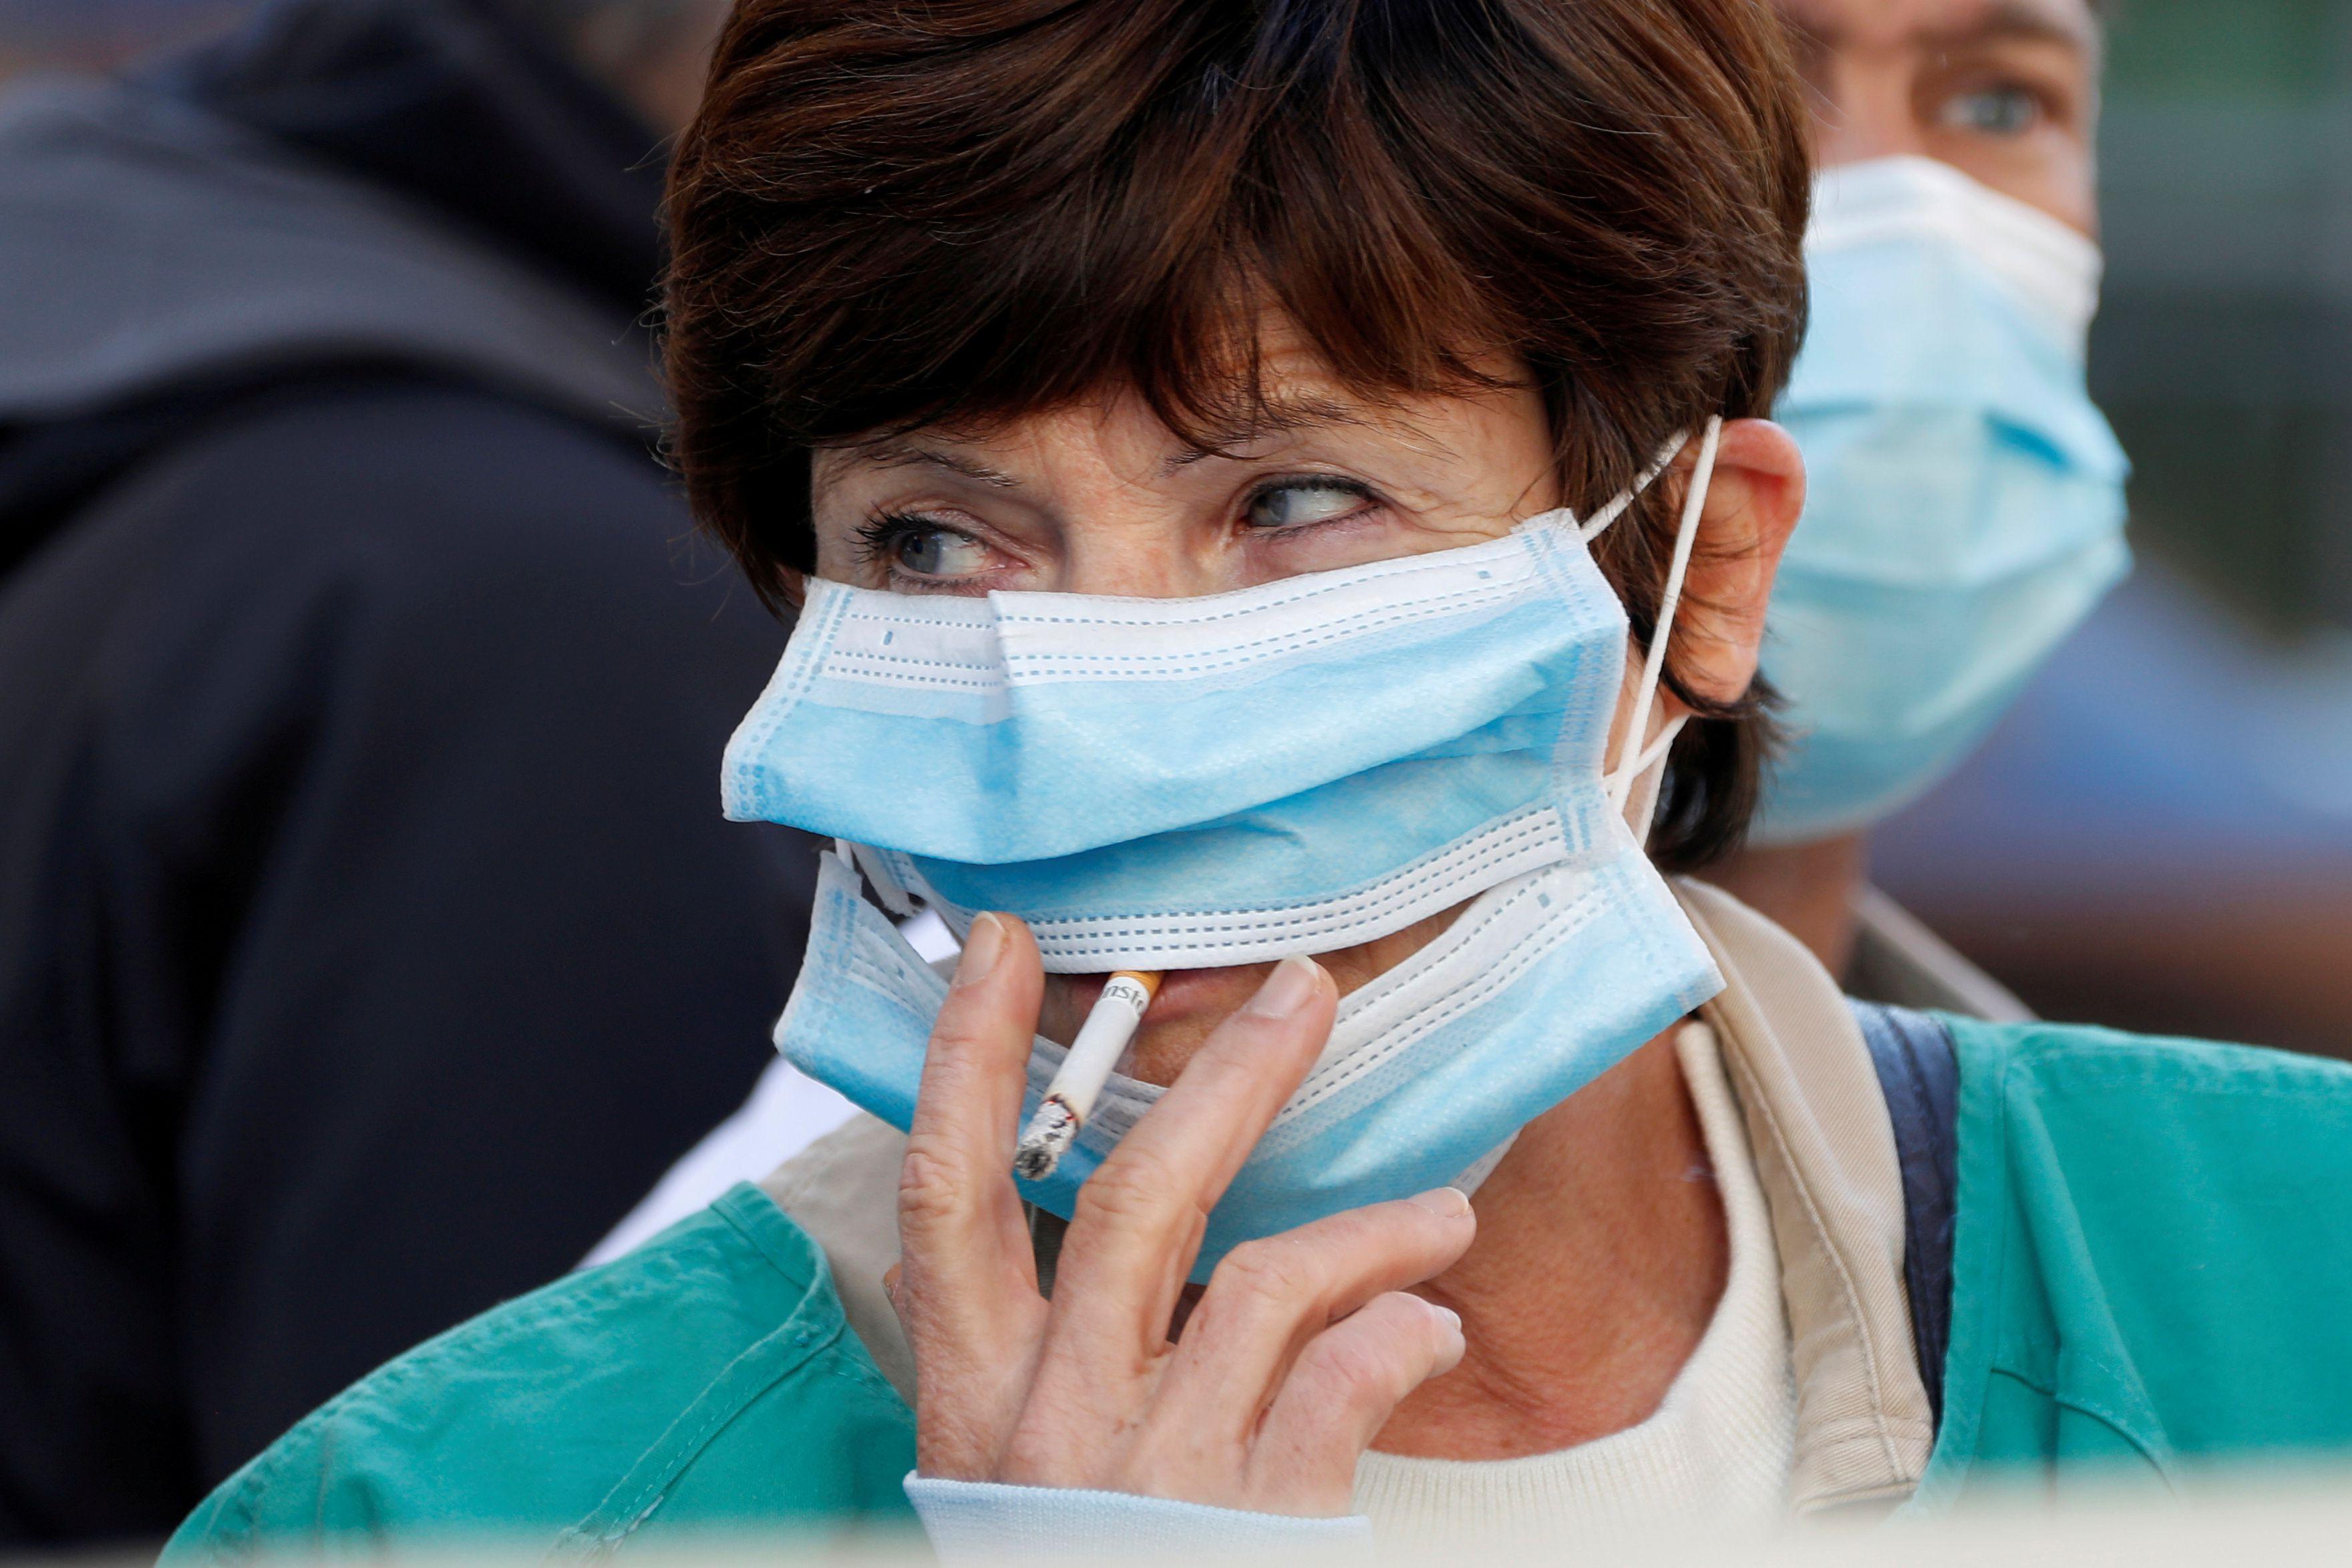 Si una persona se retira el barbijo en un patio o terraza, se pone a fumar tabaco, y permanece con otras personas a menos de dos menos, sí aumenta su riesgo de contraer el coronavirus y de contagiar al otro (Reuters)